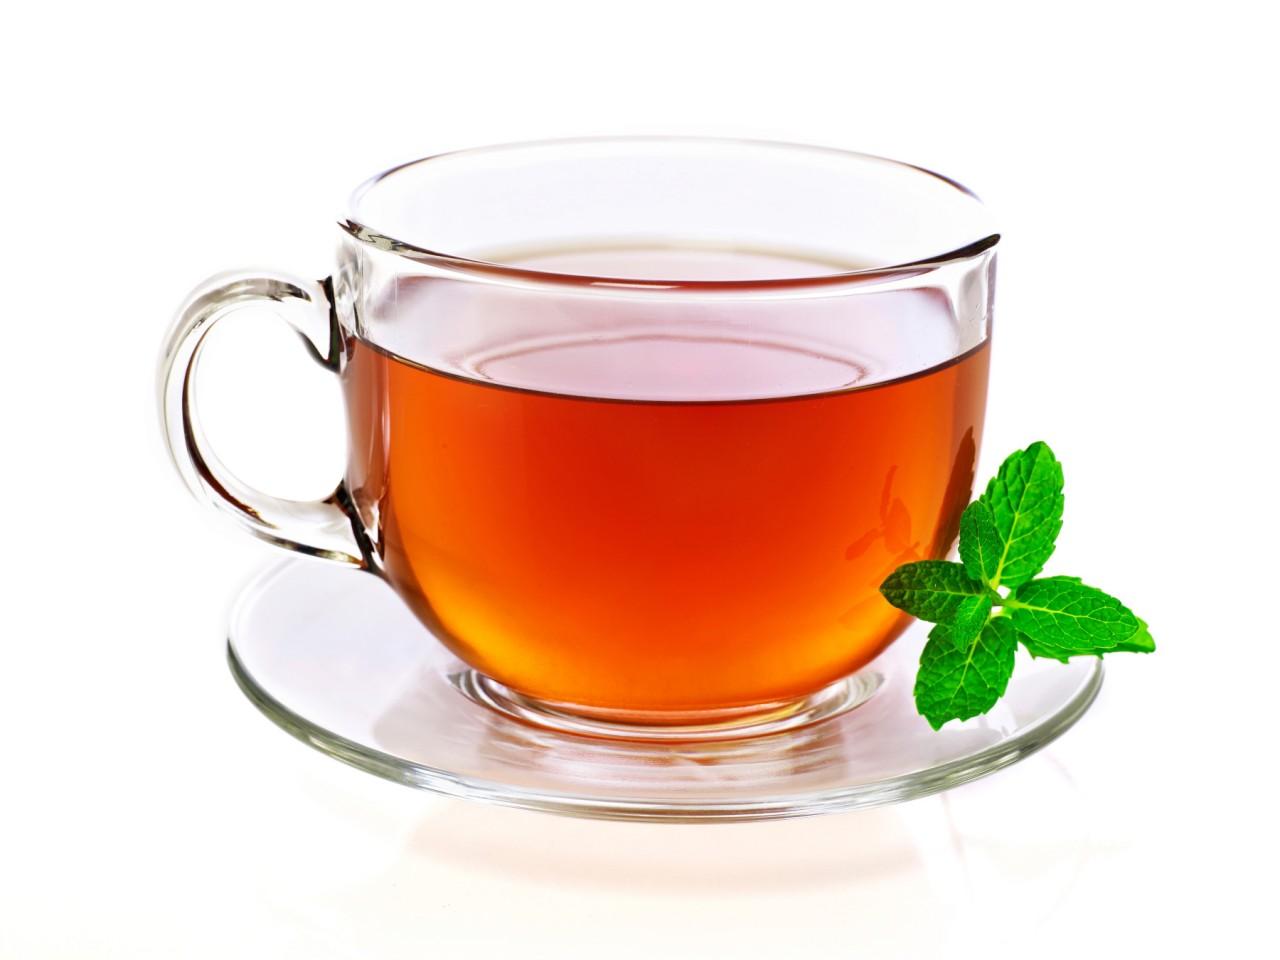 Картинка чашка чая на прозрачном фоне